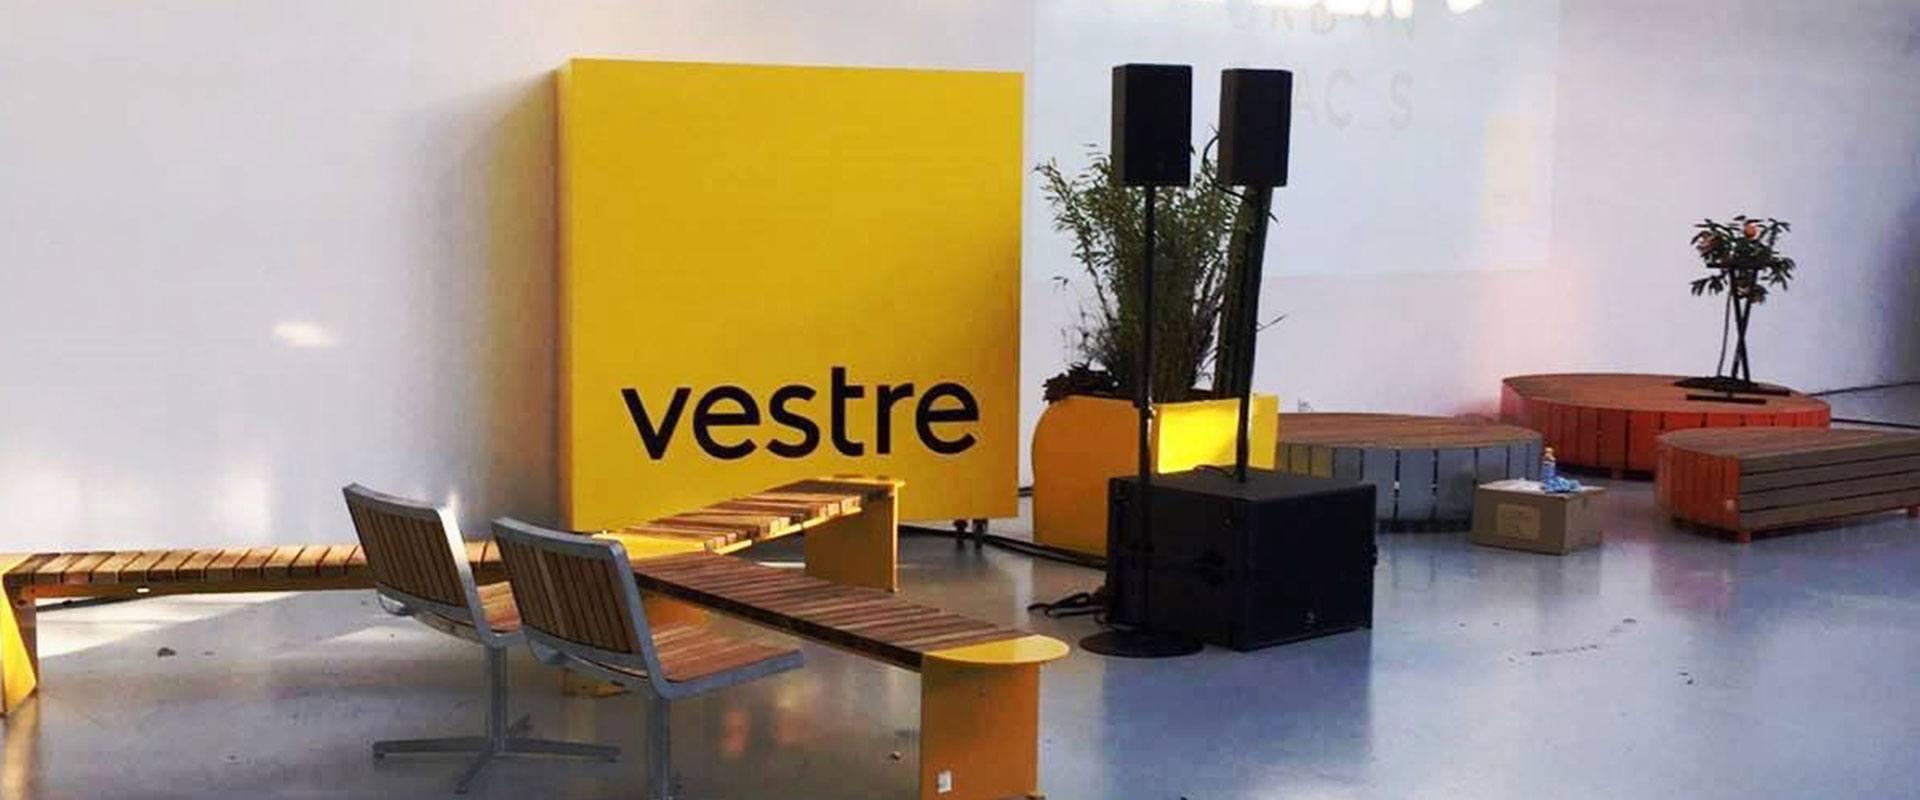 vestre-yellow